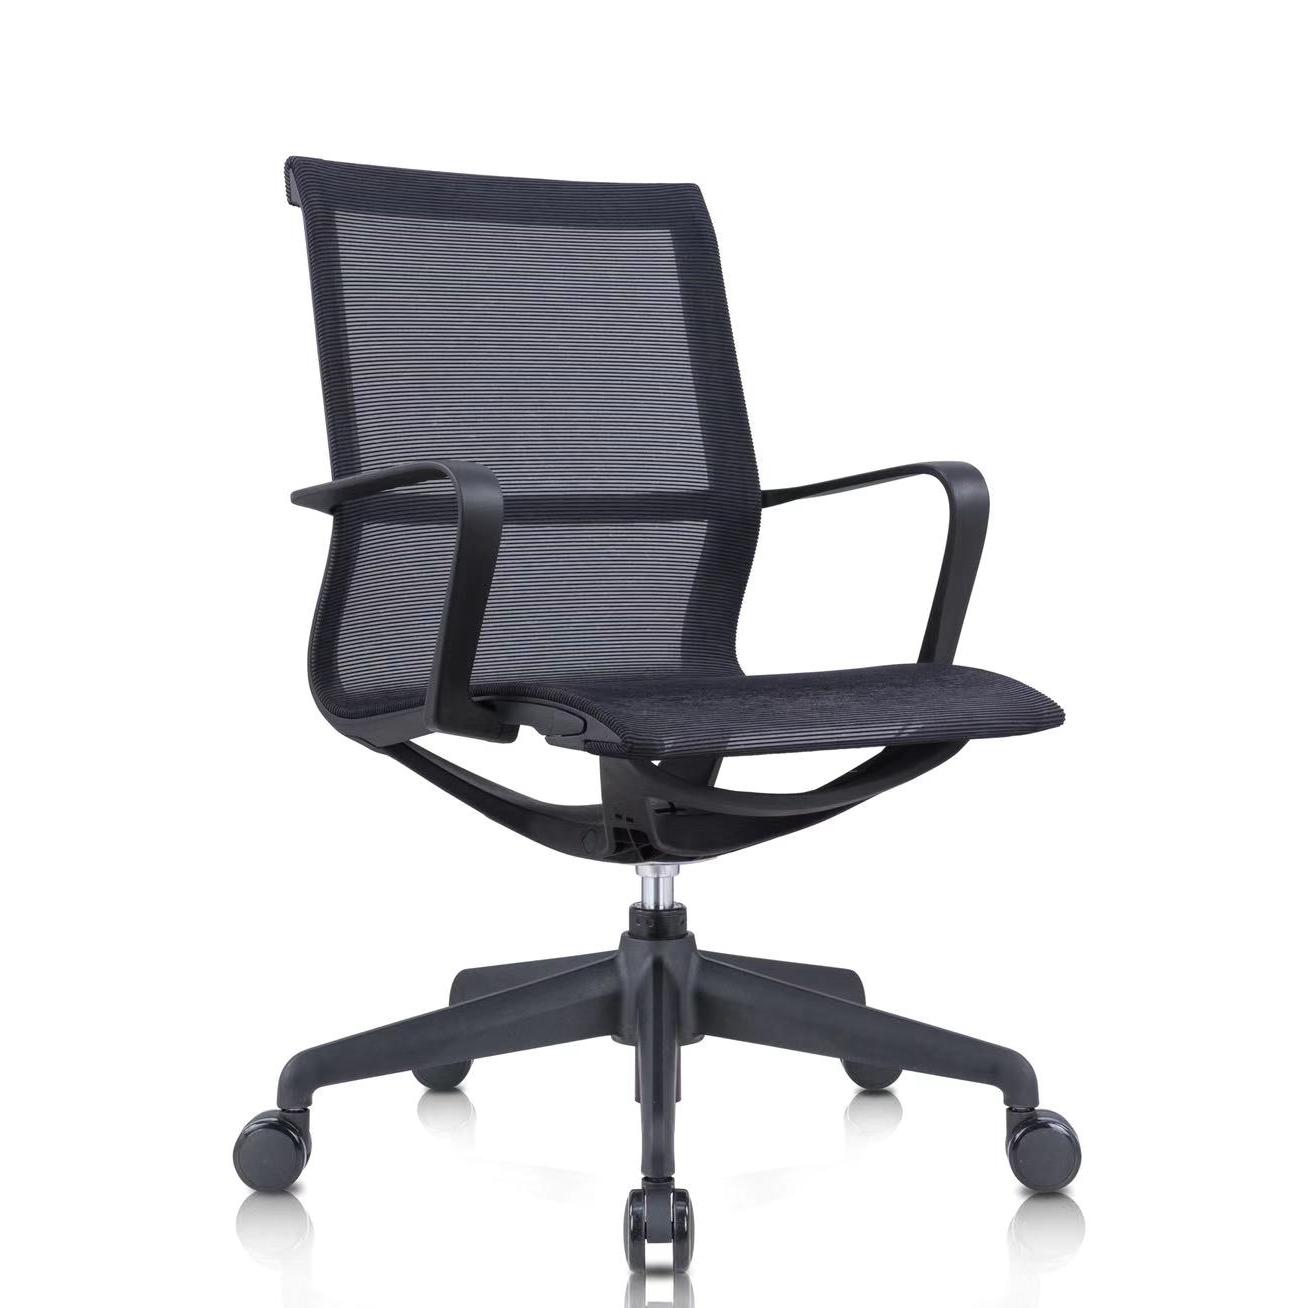 Кресло компьютерное TC черное 95,5х59х57 см кресло компьютерное tc черное 95 5х59х57 см